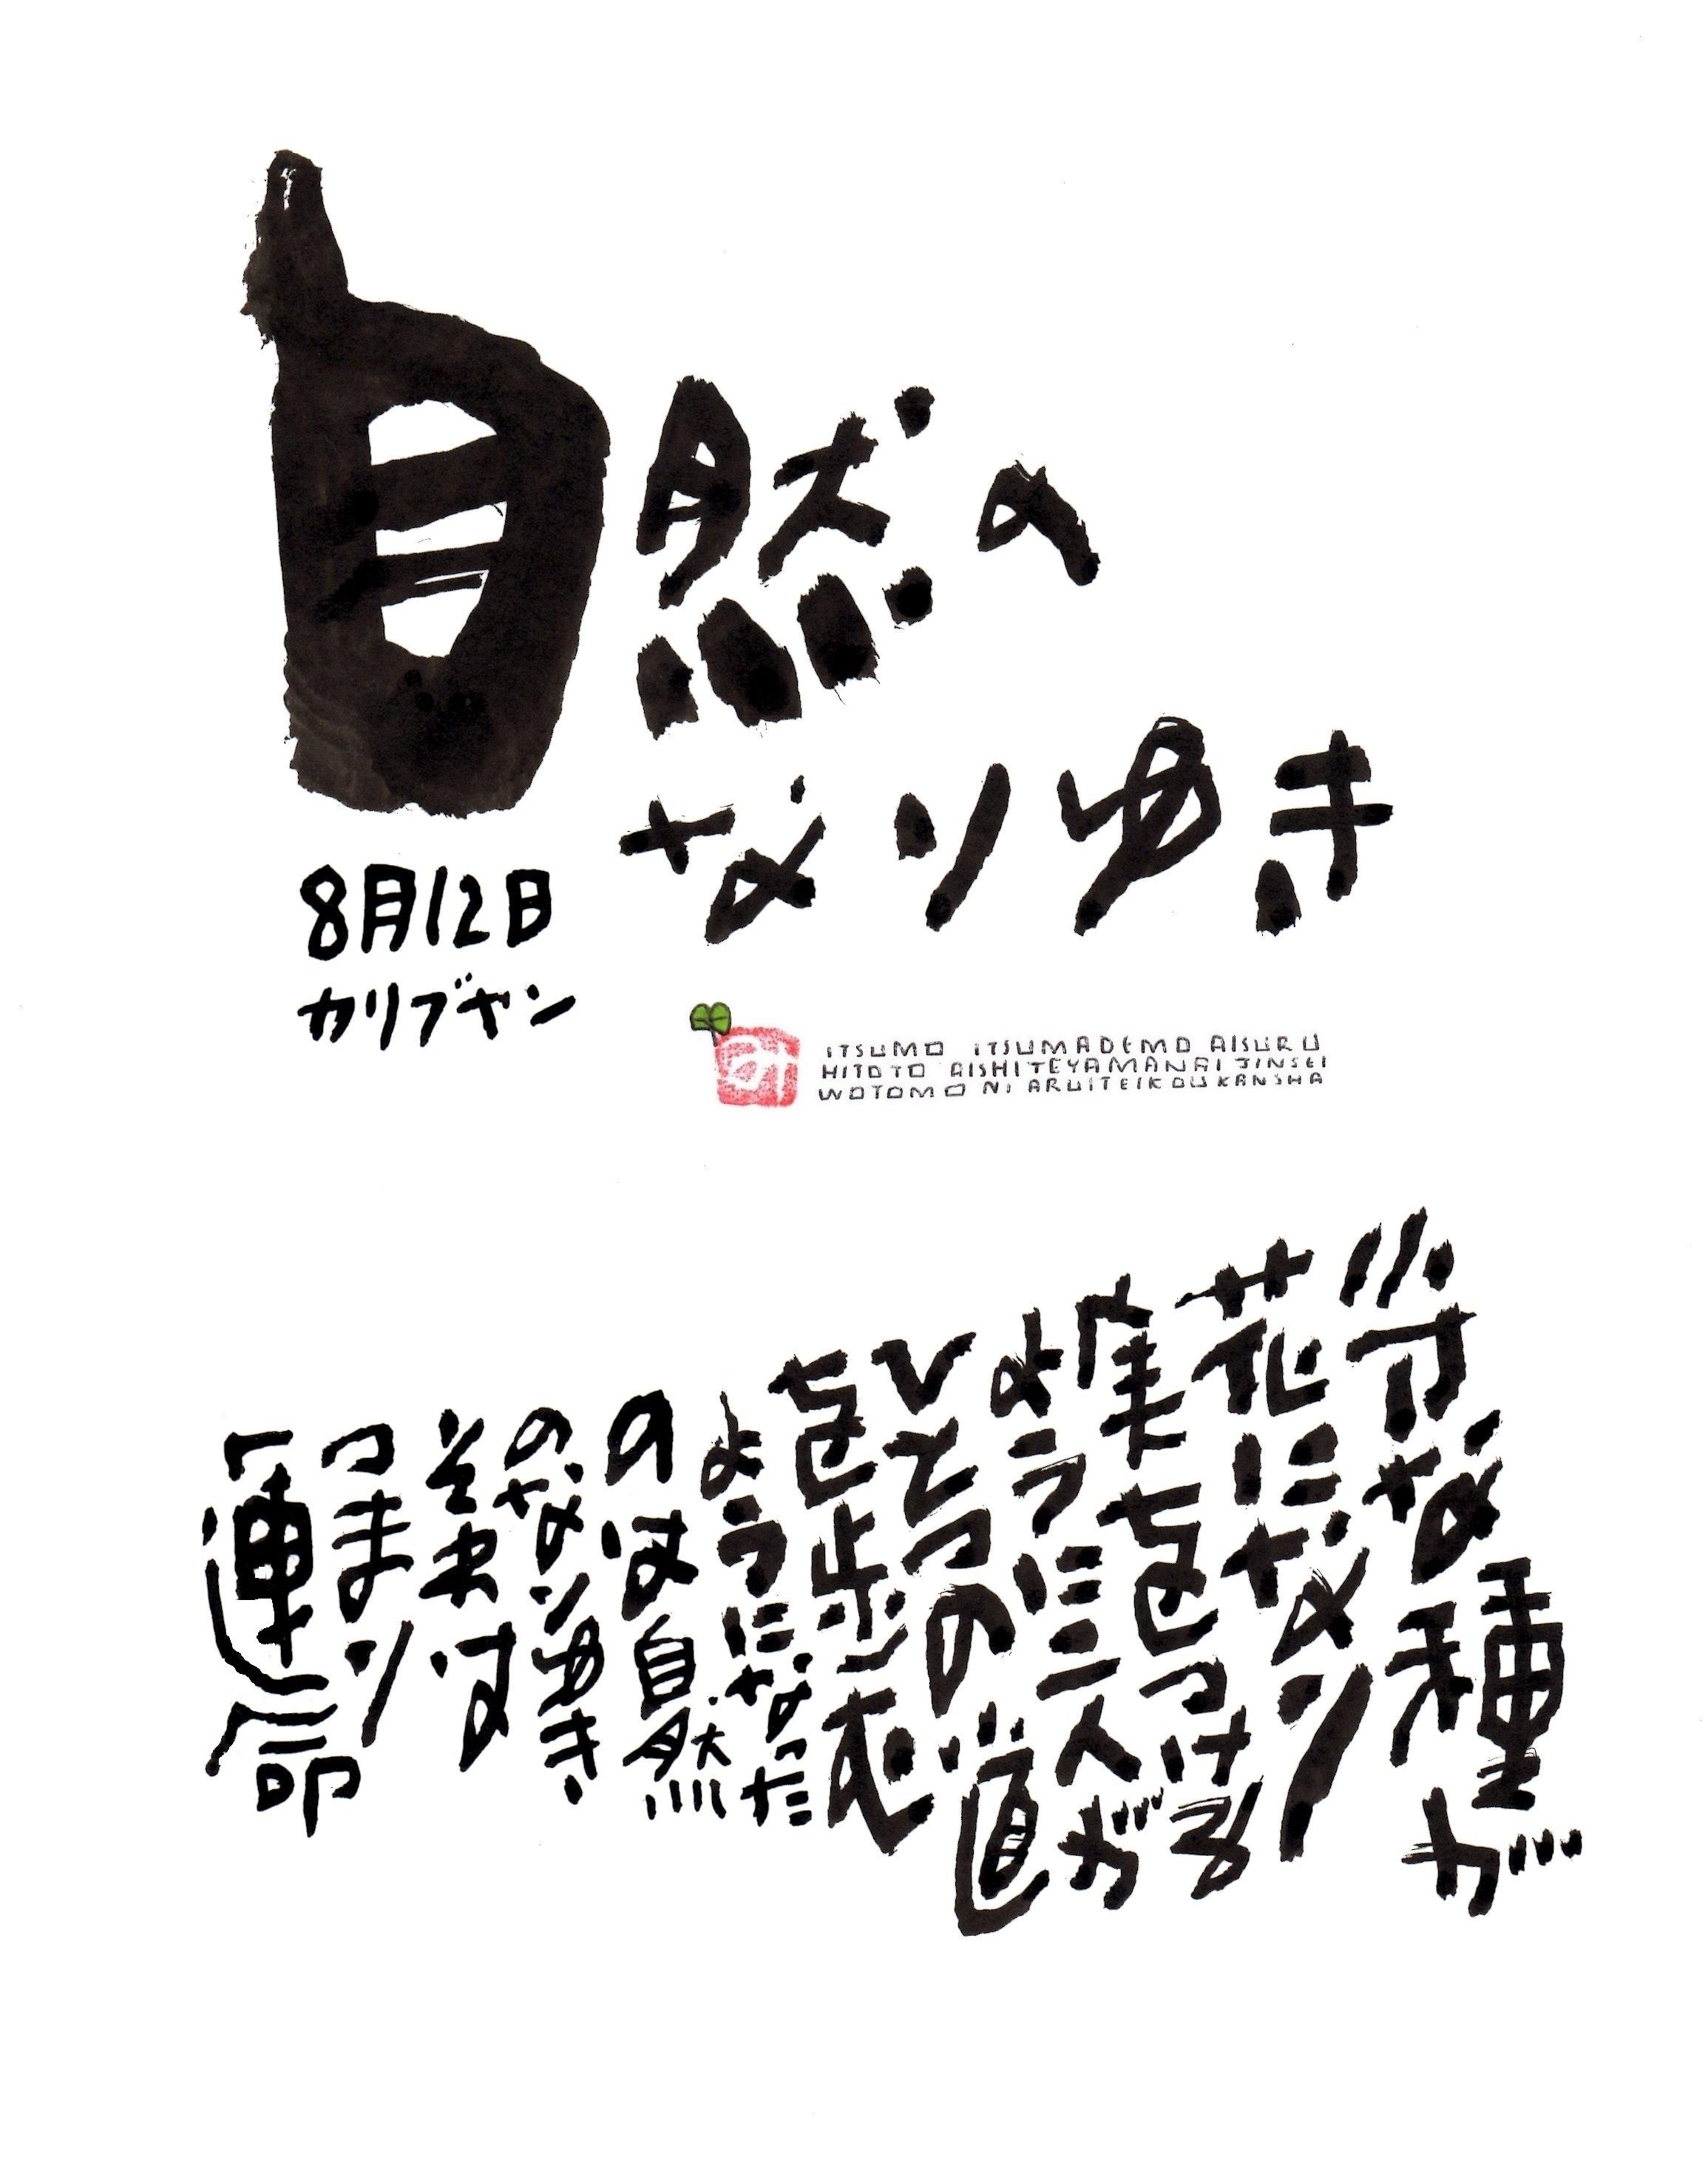 8月12日 結婚記念日ポストカード【自然へのなりゆく】